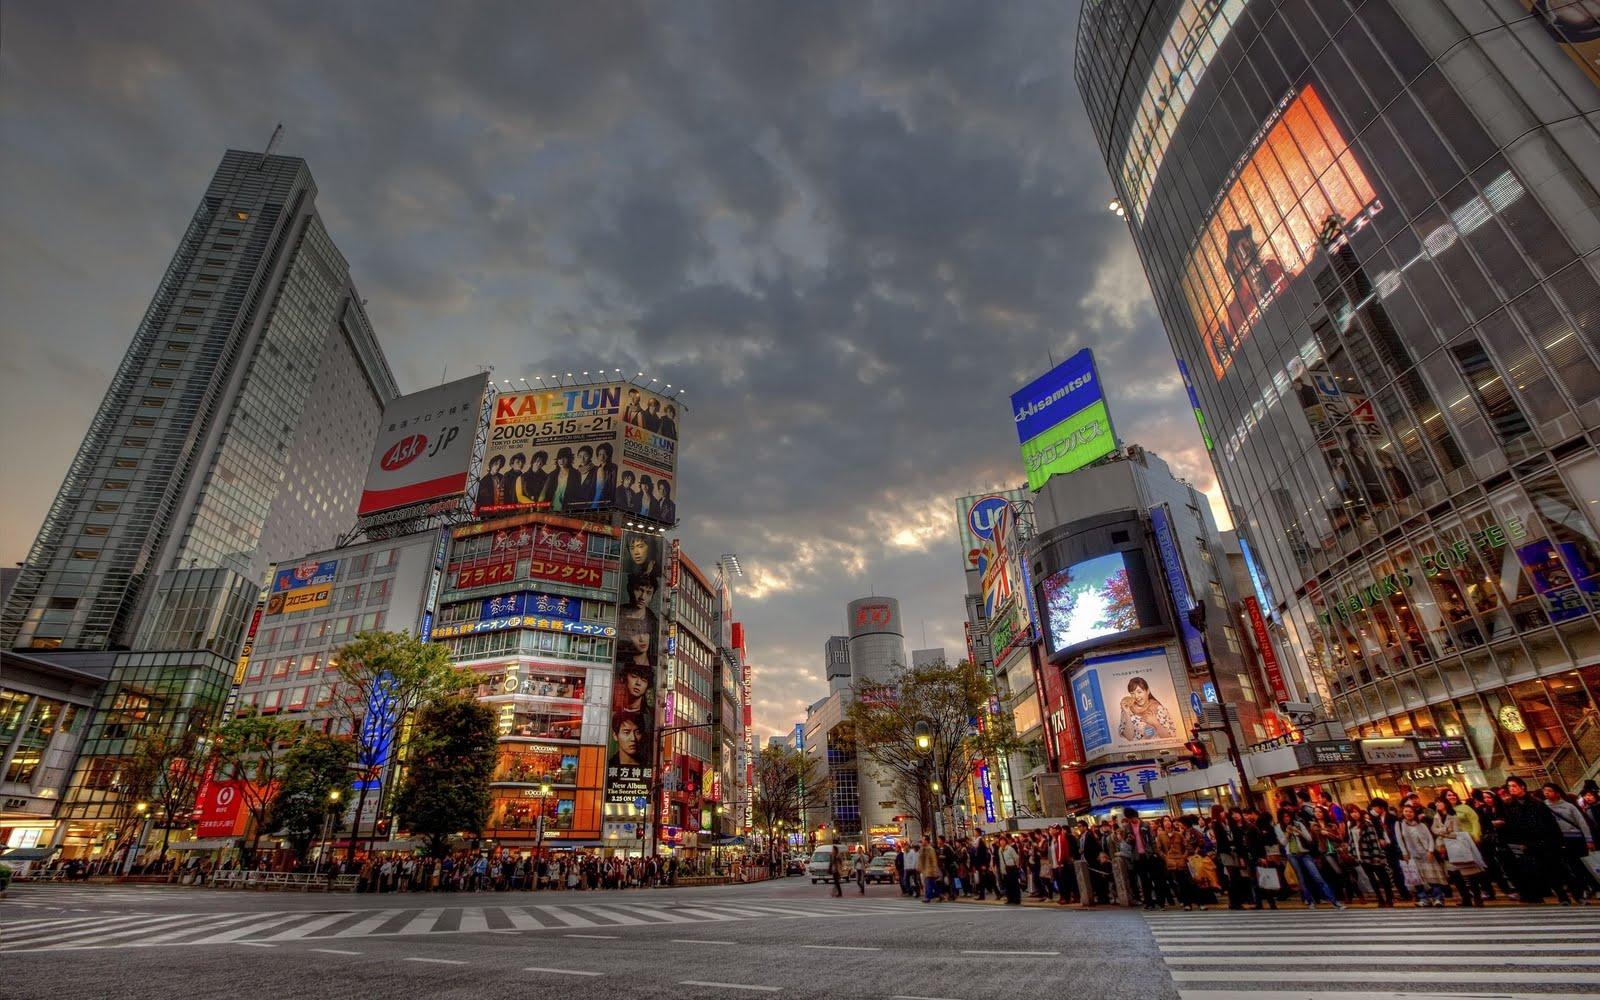 Aller au japon en voiture pour des vacances1 - Aller au japon en voiture pour des vacances